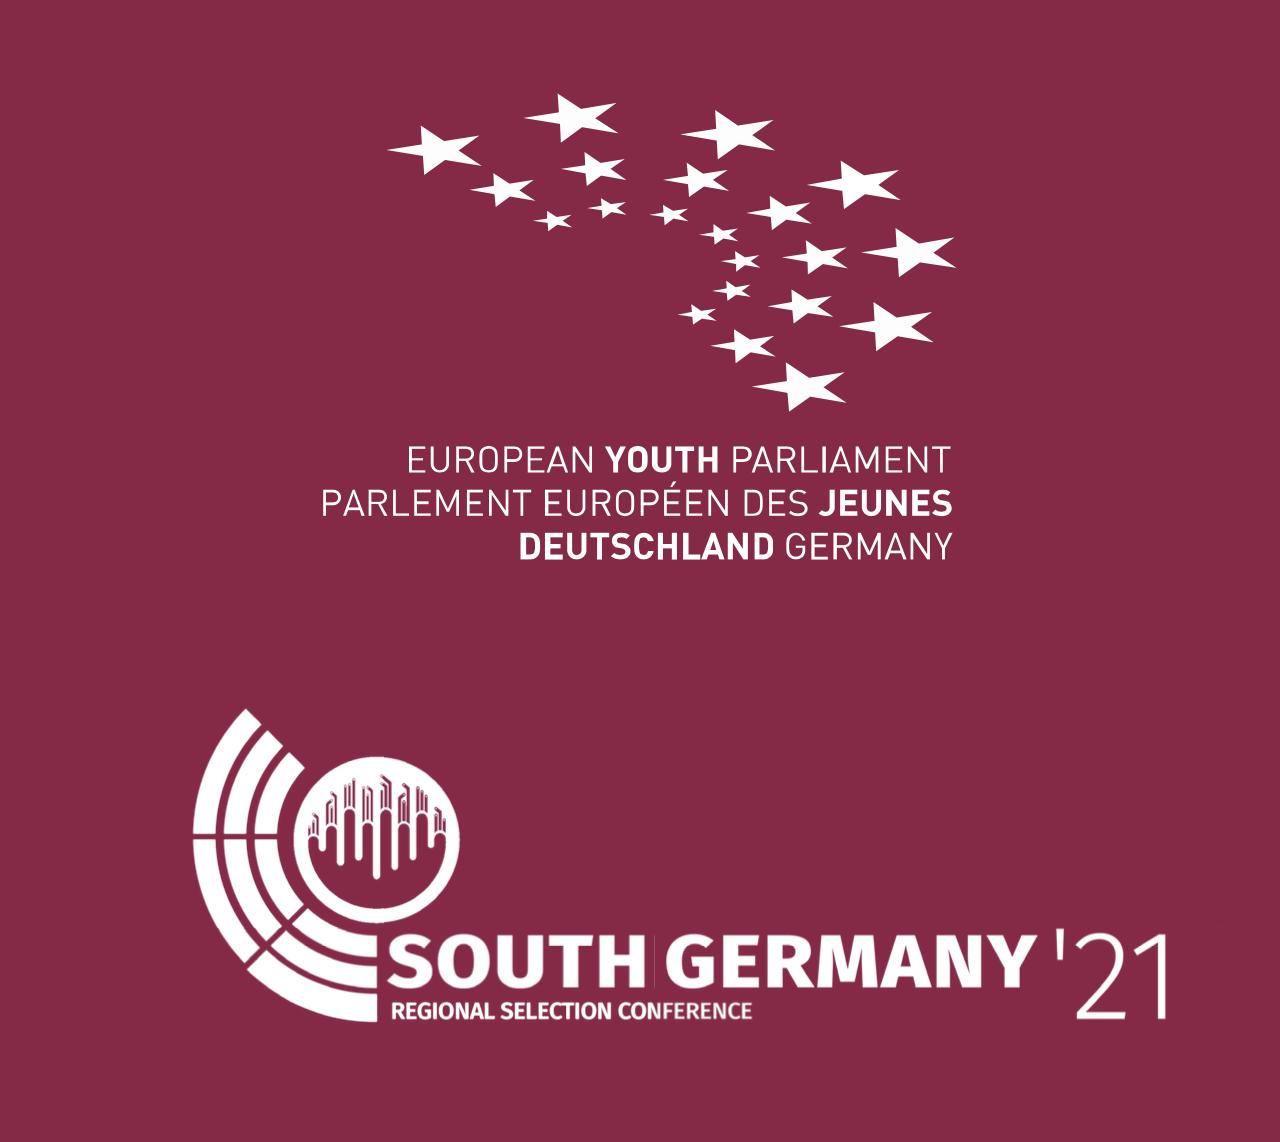 SchülerInnen qualifizieren sich für die nationale Auswahlrunde des Europäischen Jugendparlaments